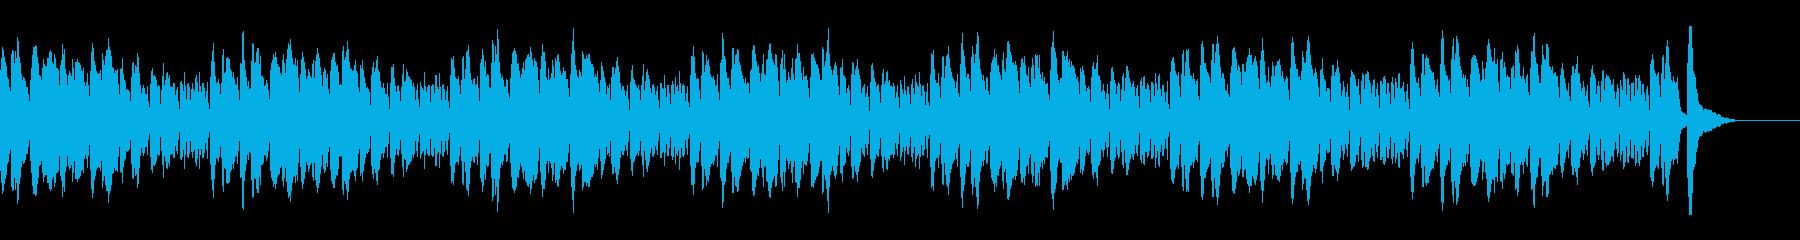 悲壮感のあるピアノ曲の再生済みの波形